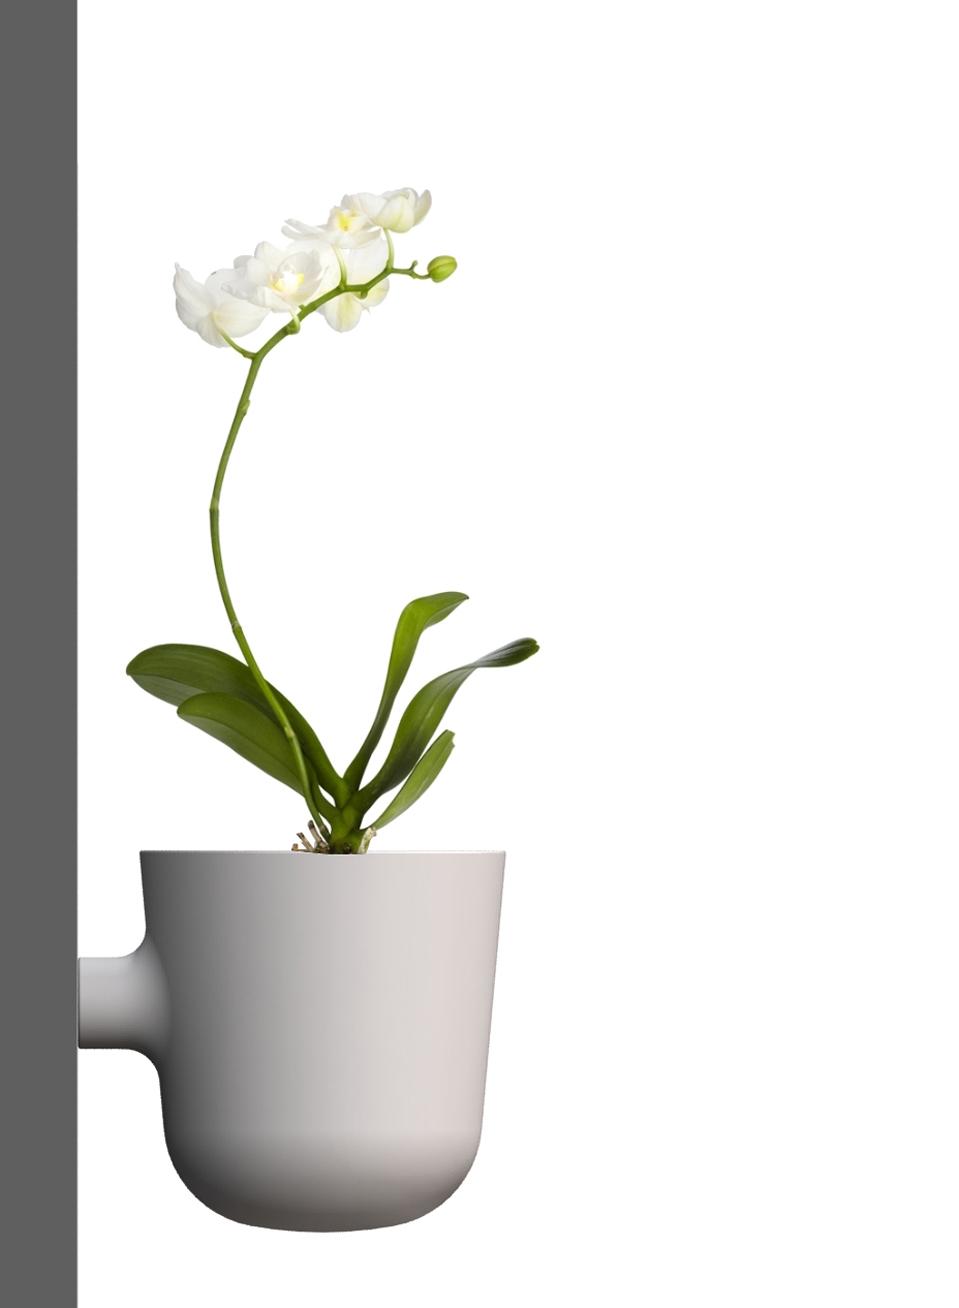 -Side billede af WP_02 på væg med plante (orkide).